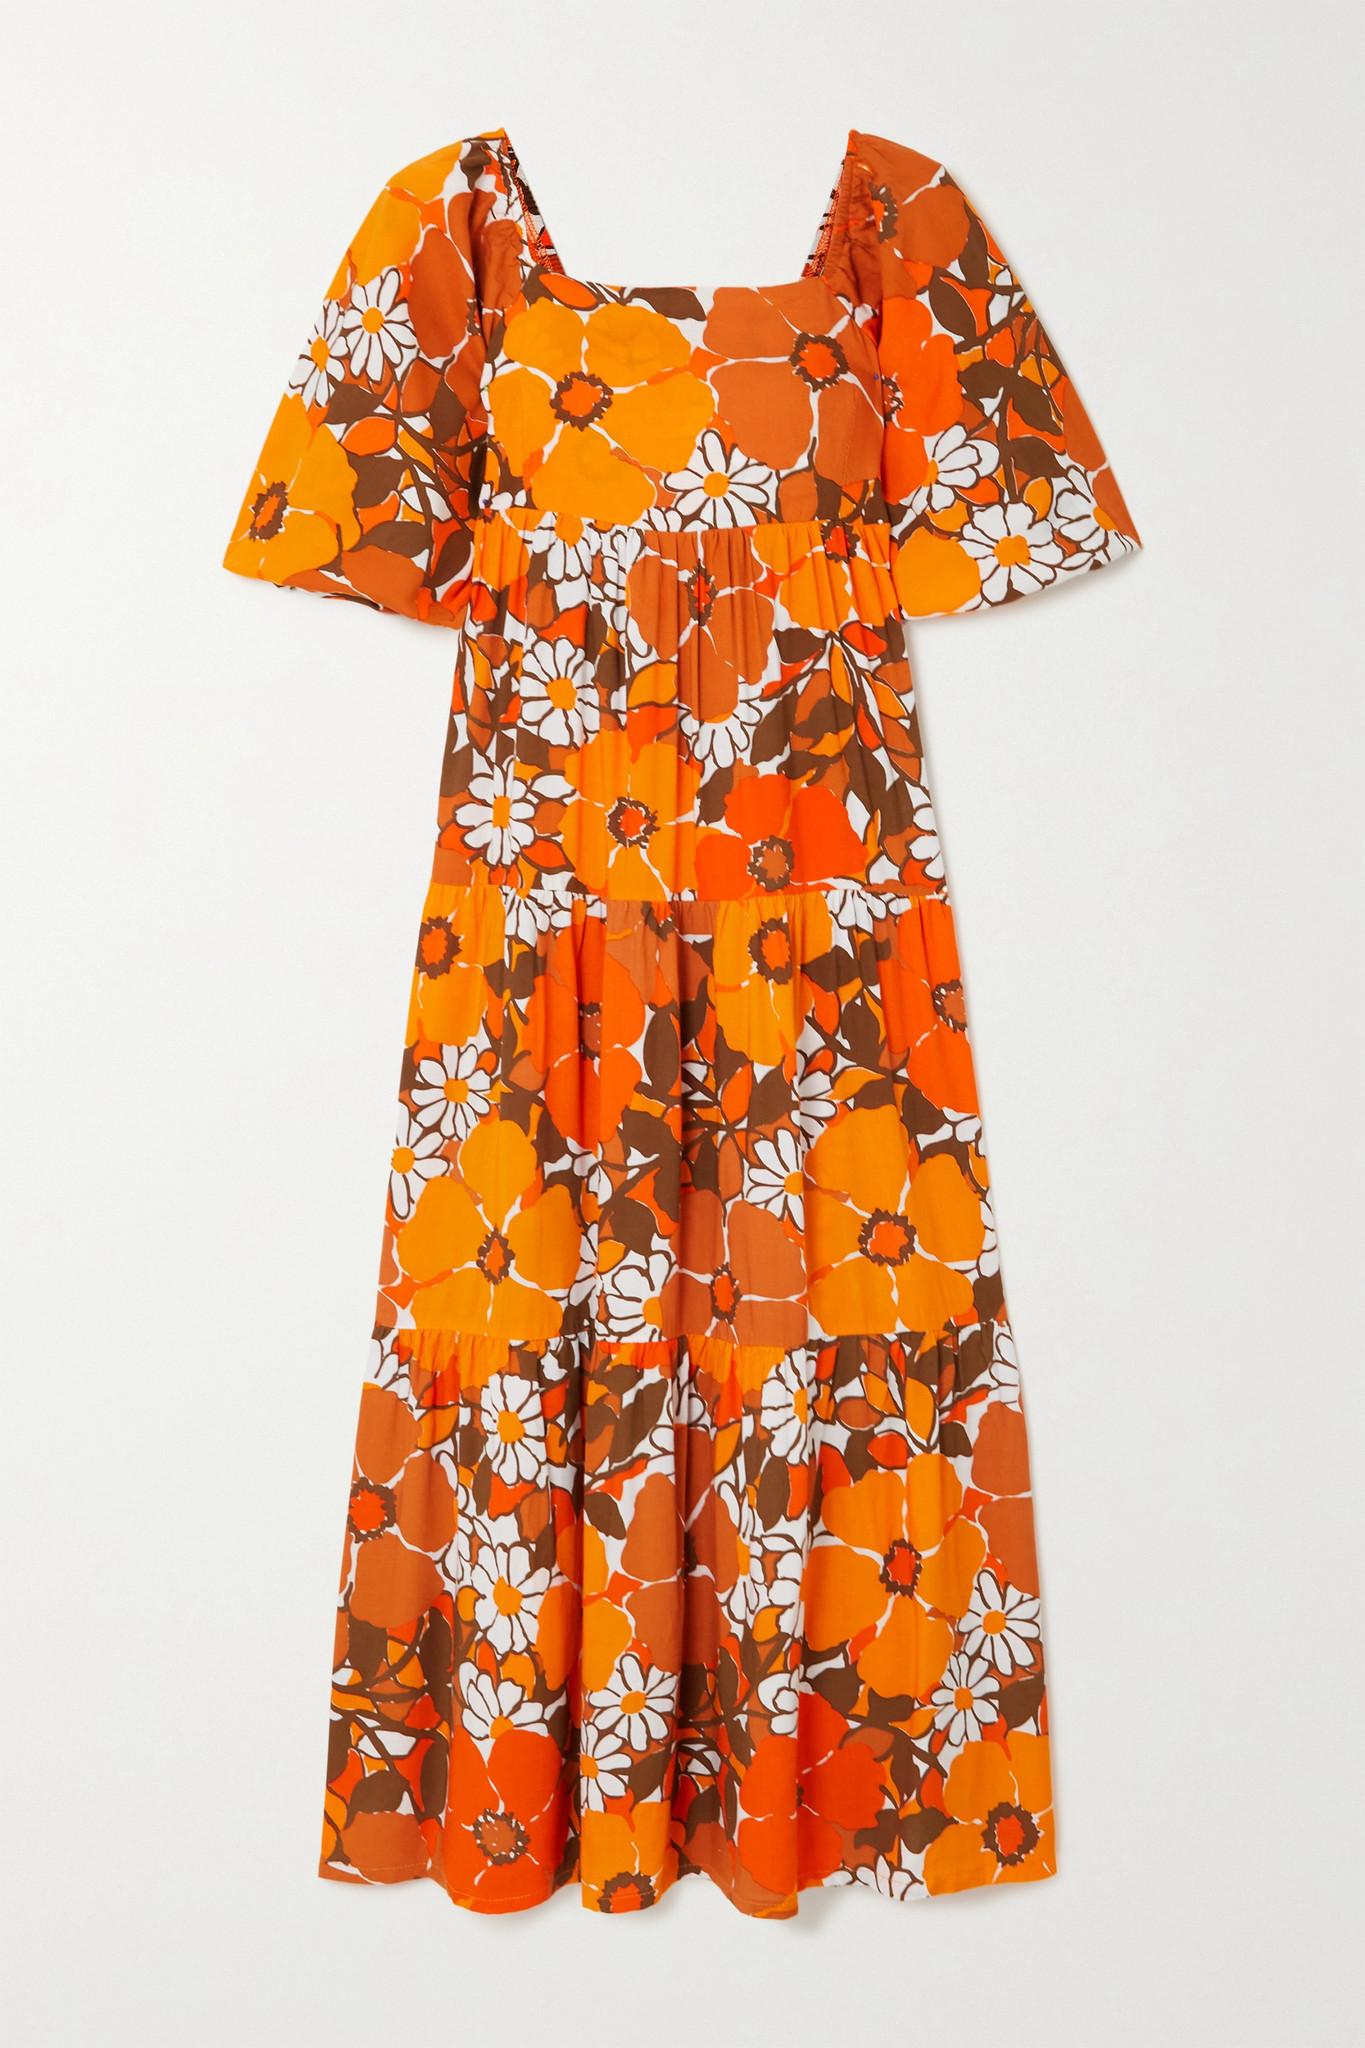 FAITHFULL THE BRAND - 【net Sustain】kiona 层接式纯棉府绸中长连衣裙 - 橙色 - medium